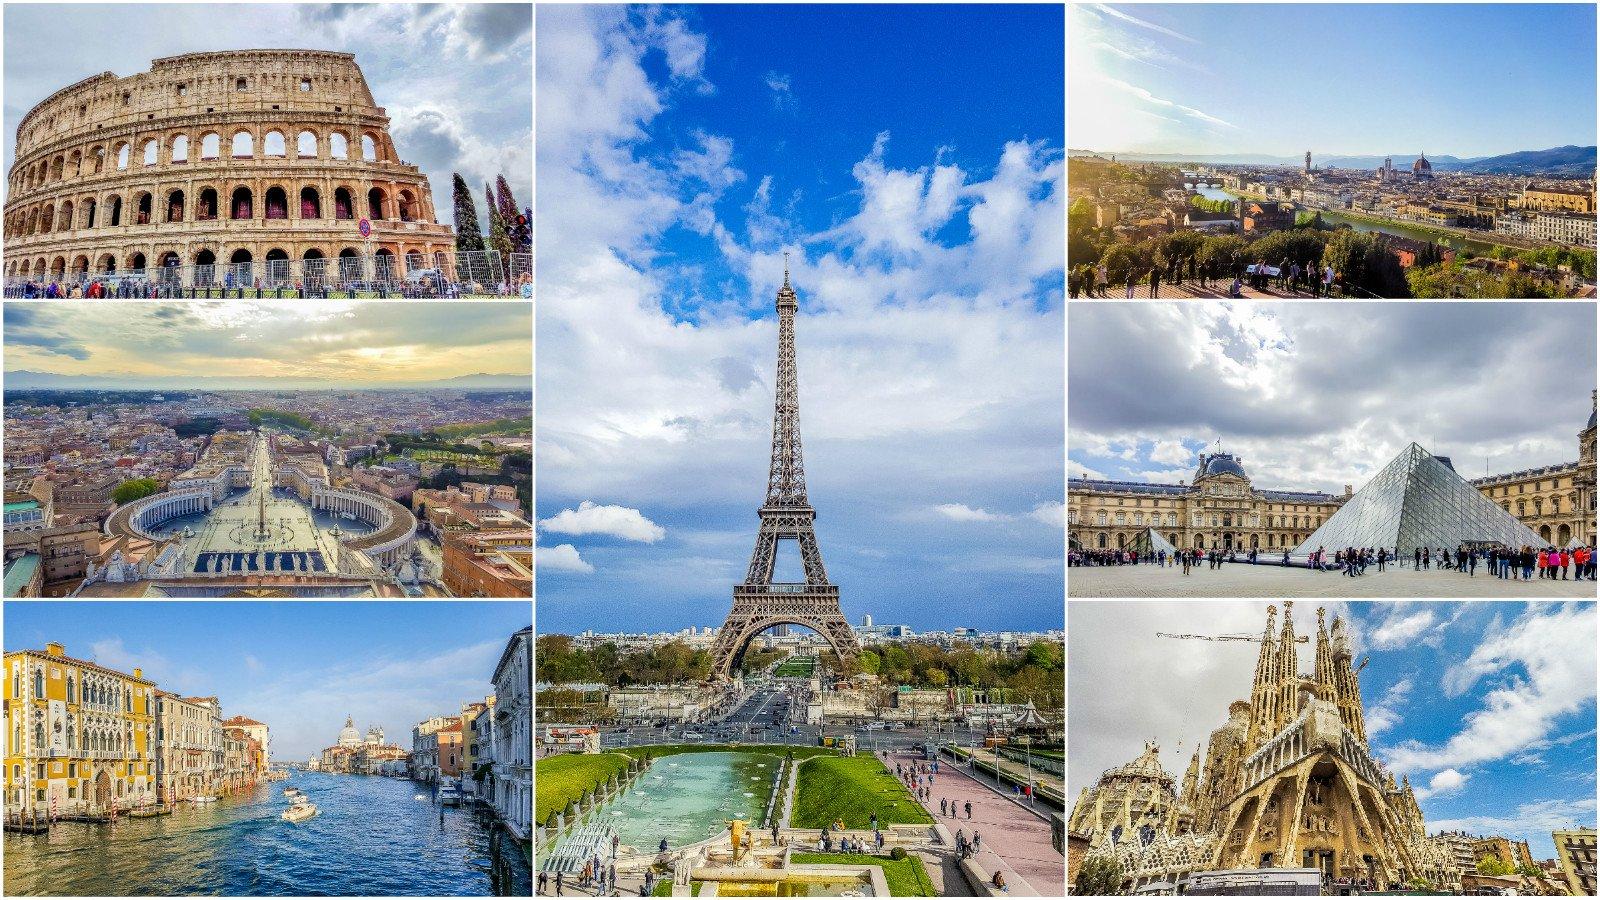 попал картинки путешествий для карты желаний лучшие красивые покупке машины интернет-магазине